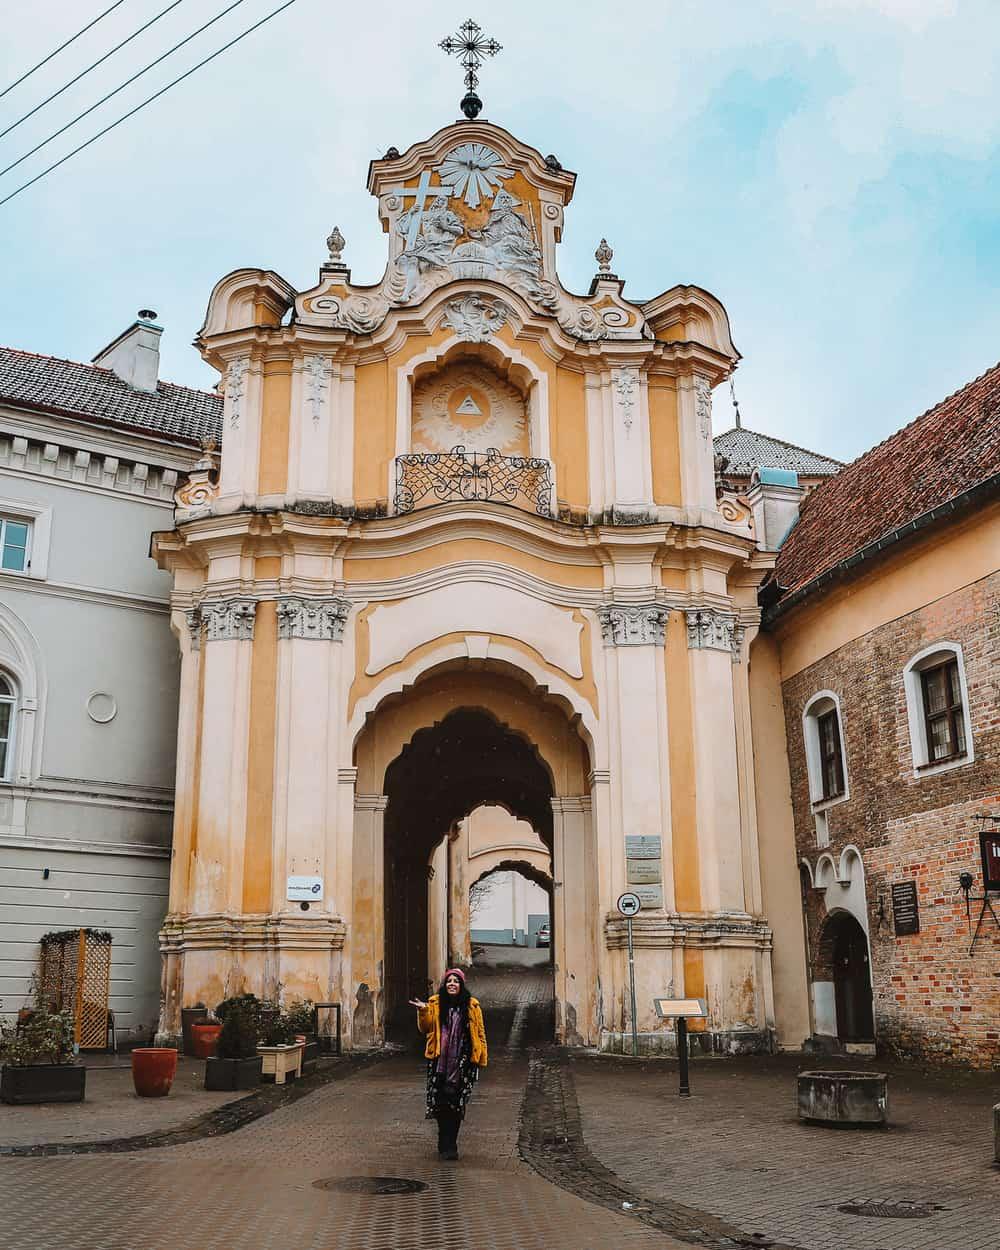 Basilian Monastery Vilnius | Instagram Spots in Vilnius